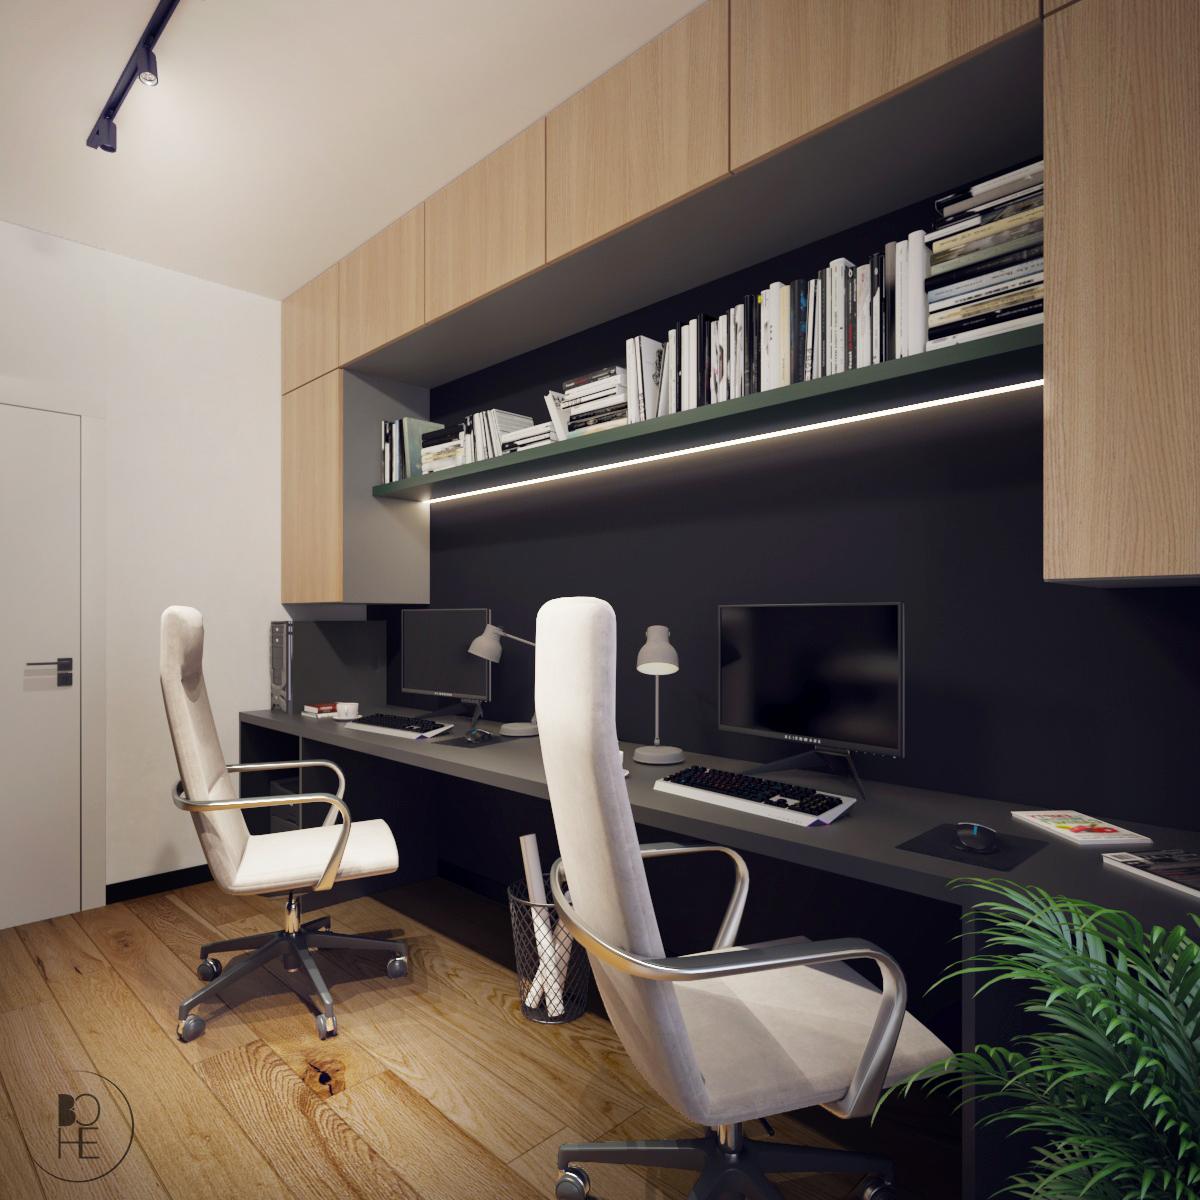 biuro projektowe Łódź aranżacja domowego biura z nowoczesnymi białymi fotelami